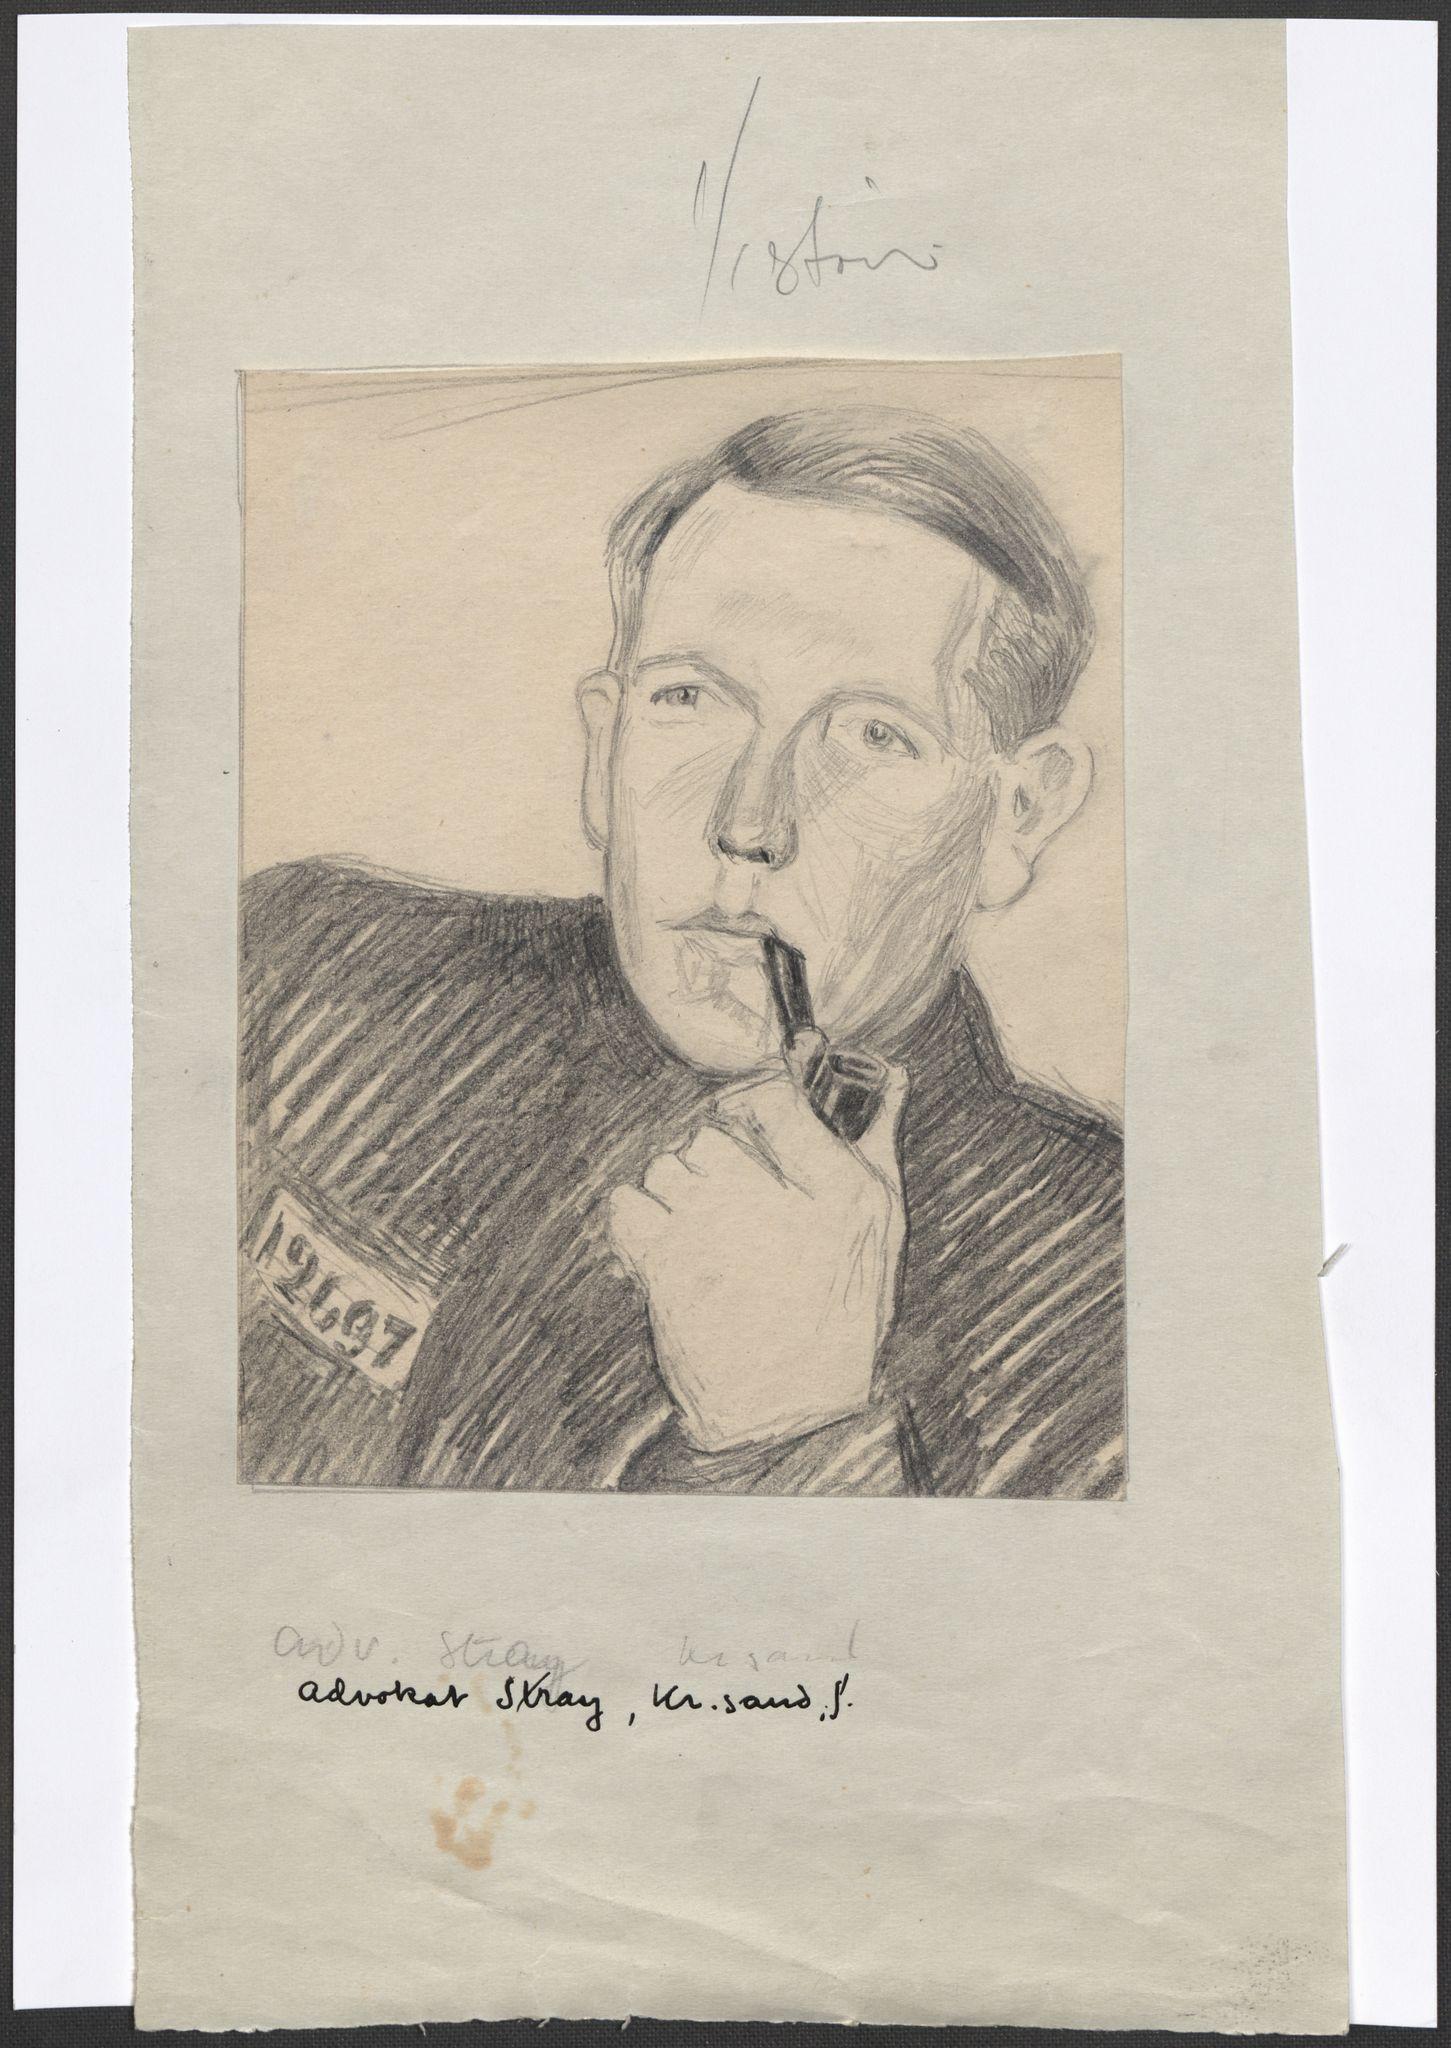 RA, Grøgaard, Joachim, F/L0002: Tegninger og tekster, 1942-1945, s. 99